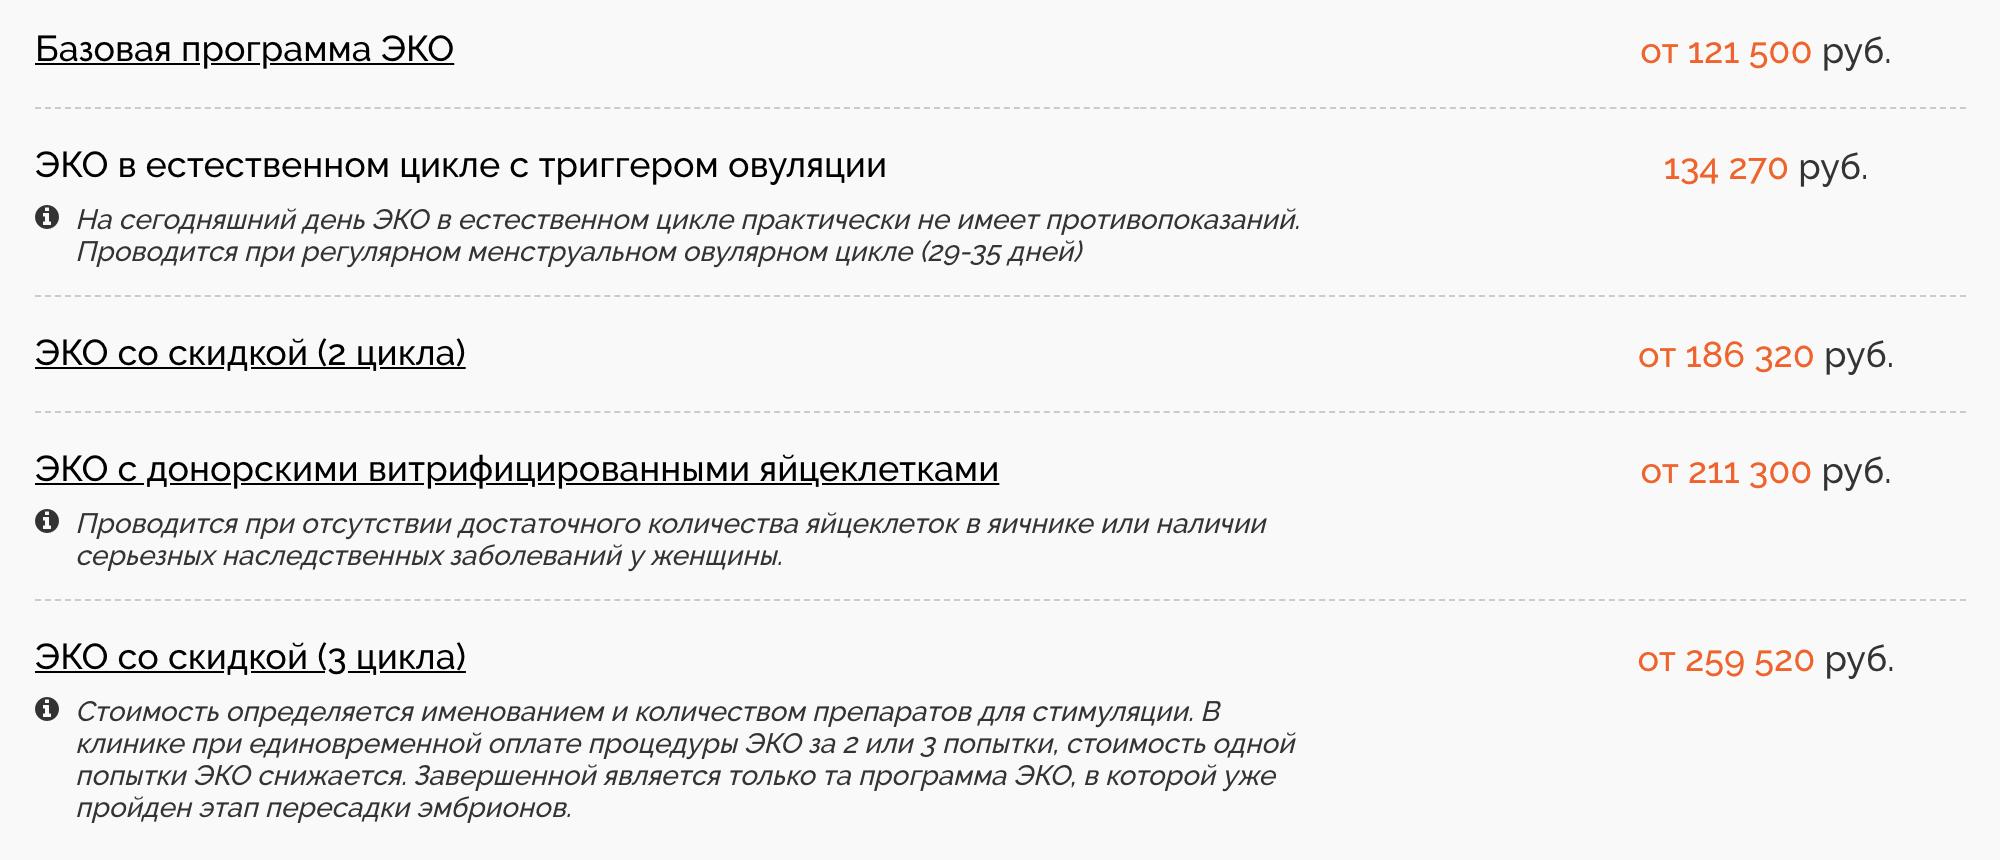 В других клиниках, как, например, в Ростове-на-Дону есть система скидок. Стоимость ЭКО со стимуляцией начинается от 121 500<span class=ruble>Р</span>, но если оплатить сразу два цикла — 186 320<span class=ruble>Р</span>, а если три — 259 520<span class=ruble>Р</span>